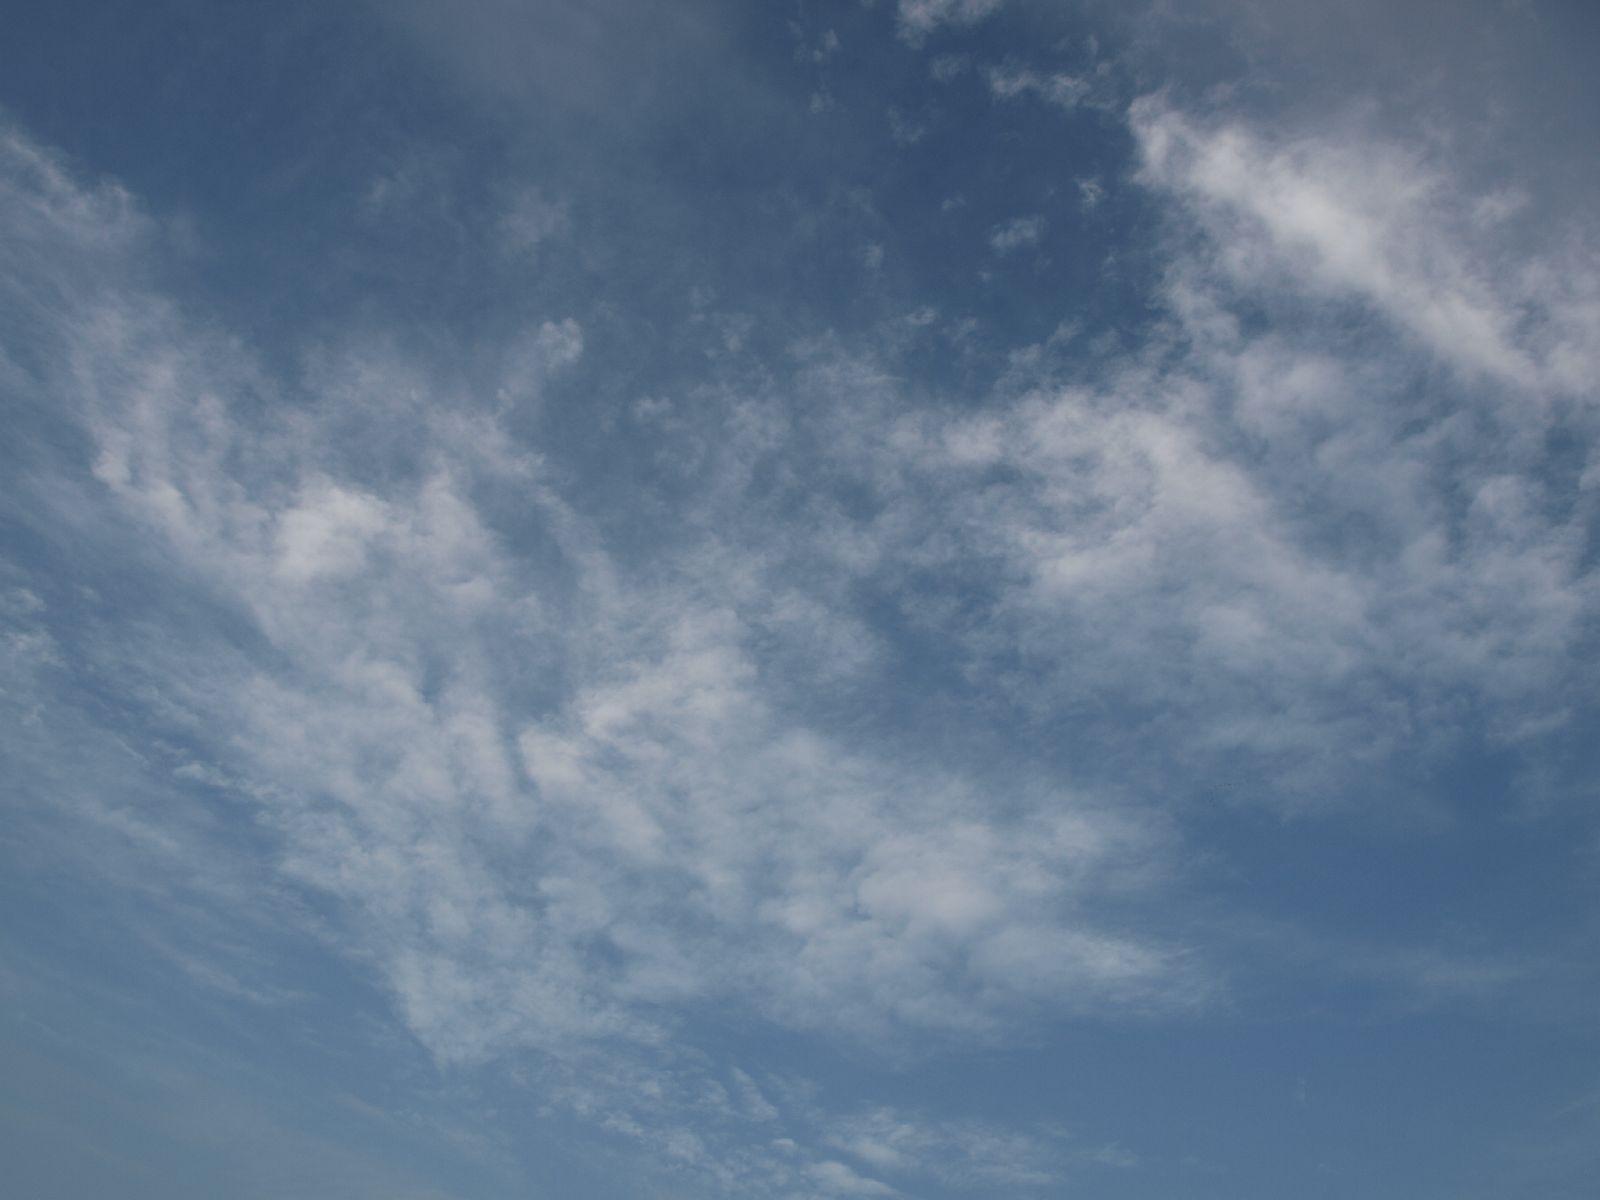 Himmel-Wolken-Foto_Textur_A_P9134859